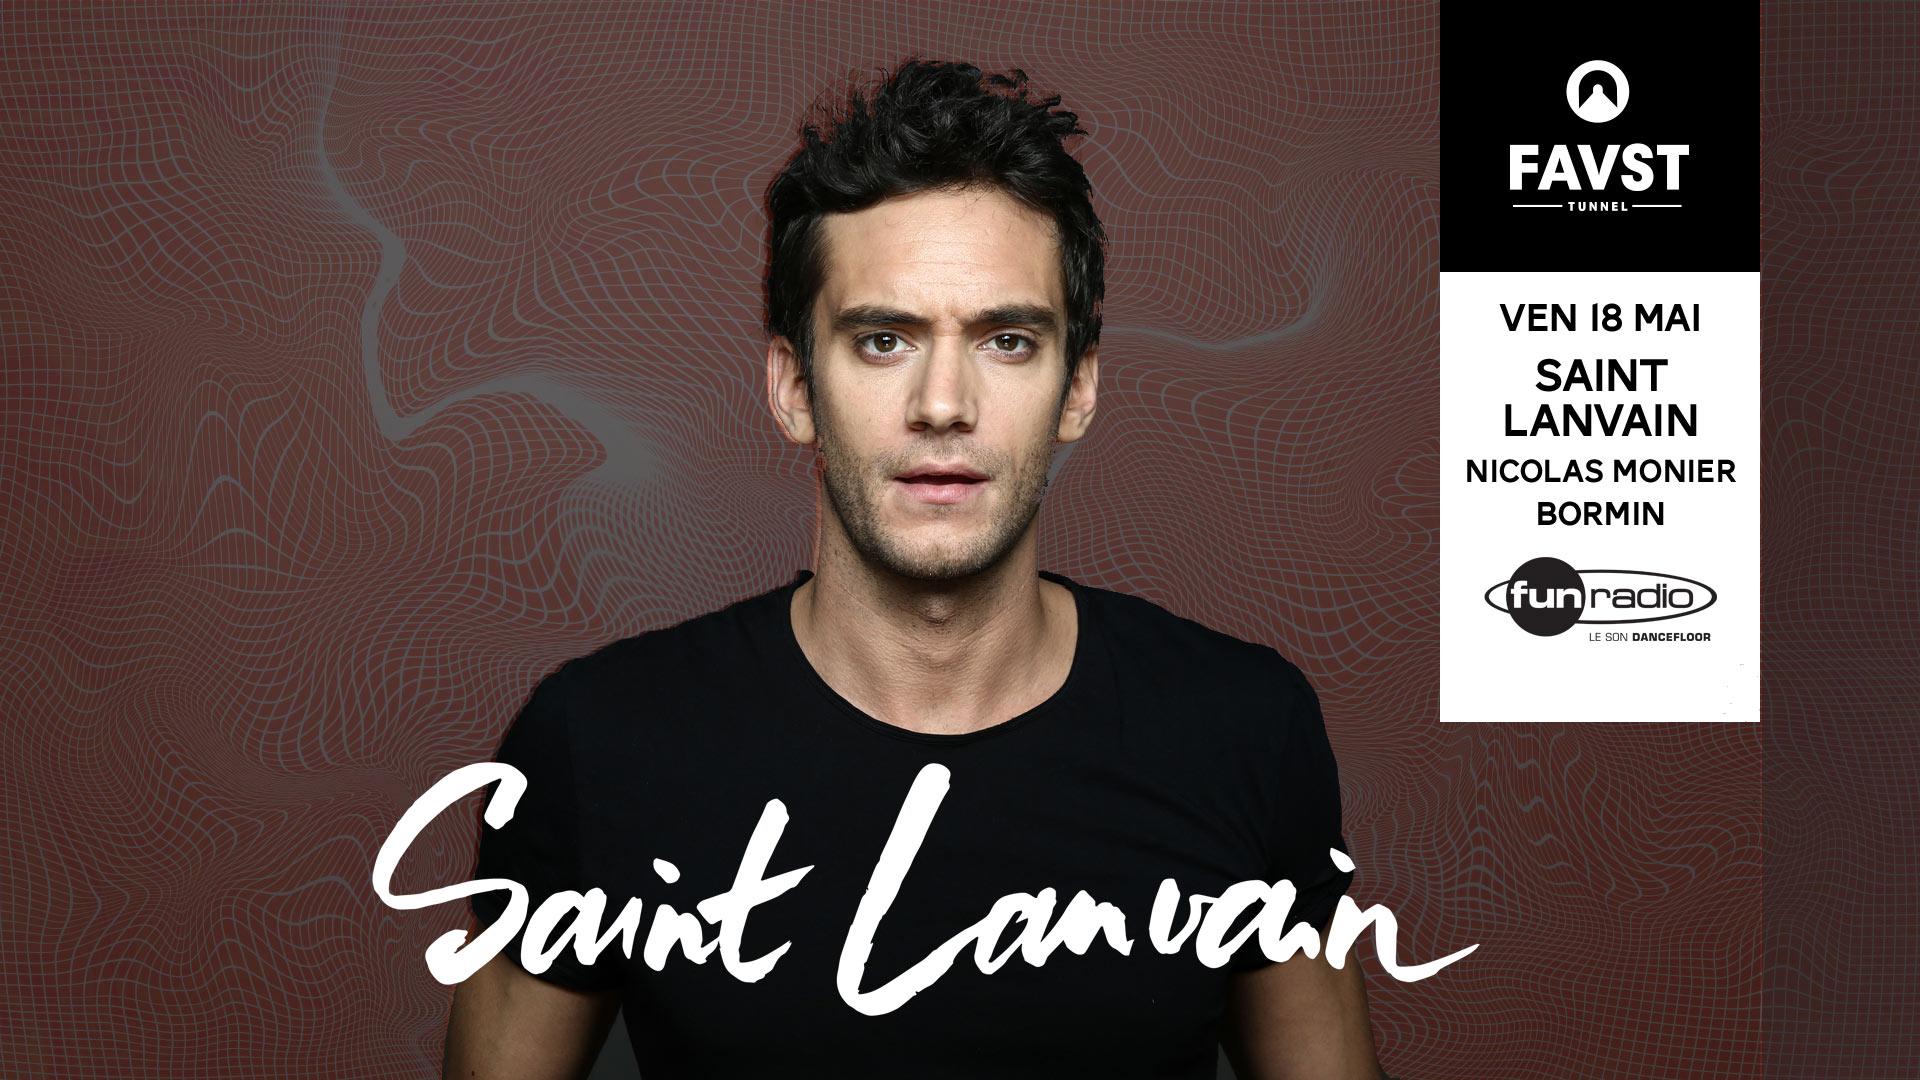 Faust : Saint Lanvain, Nicolas Monier, Bormin,